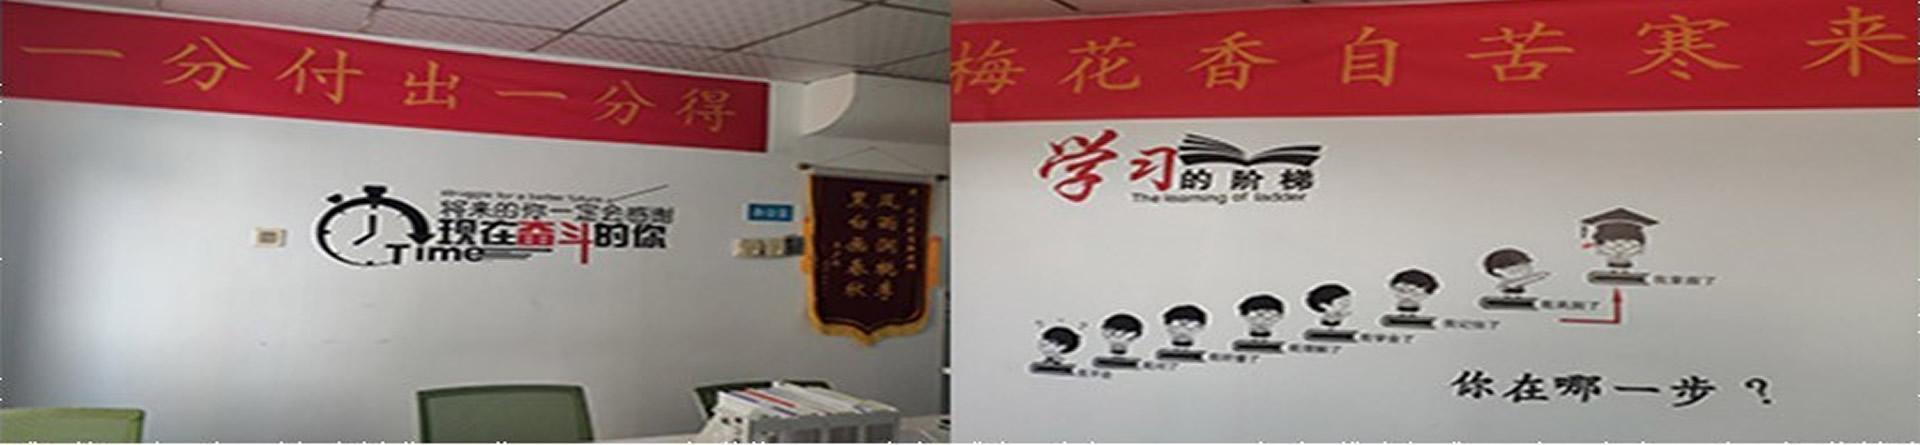 郑州大之文教育